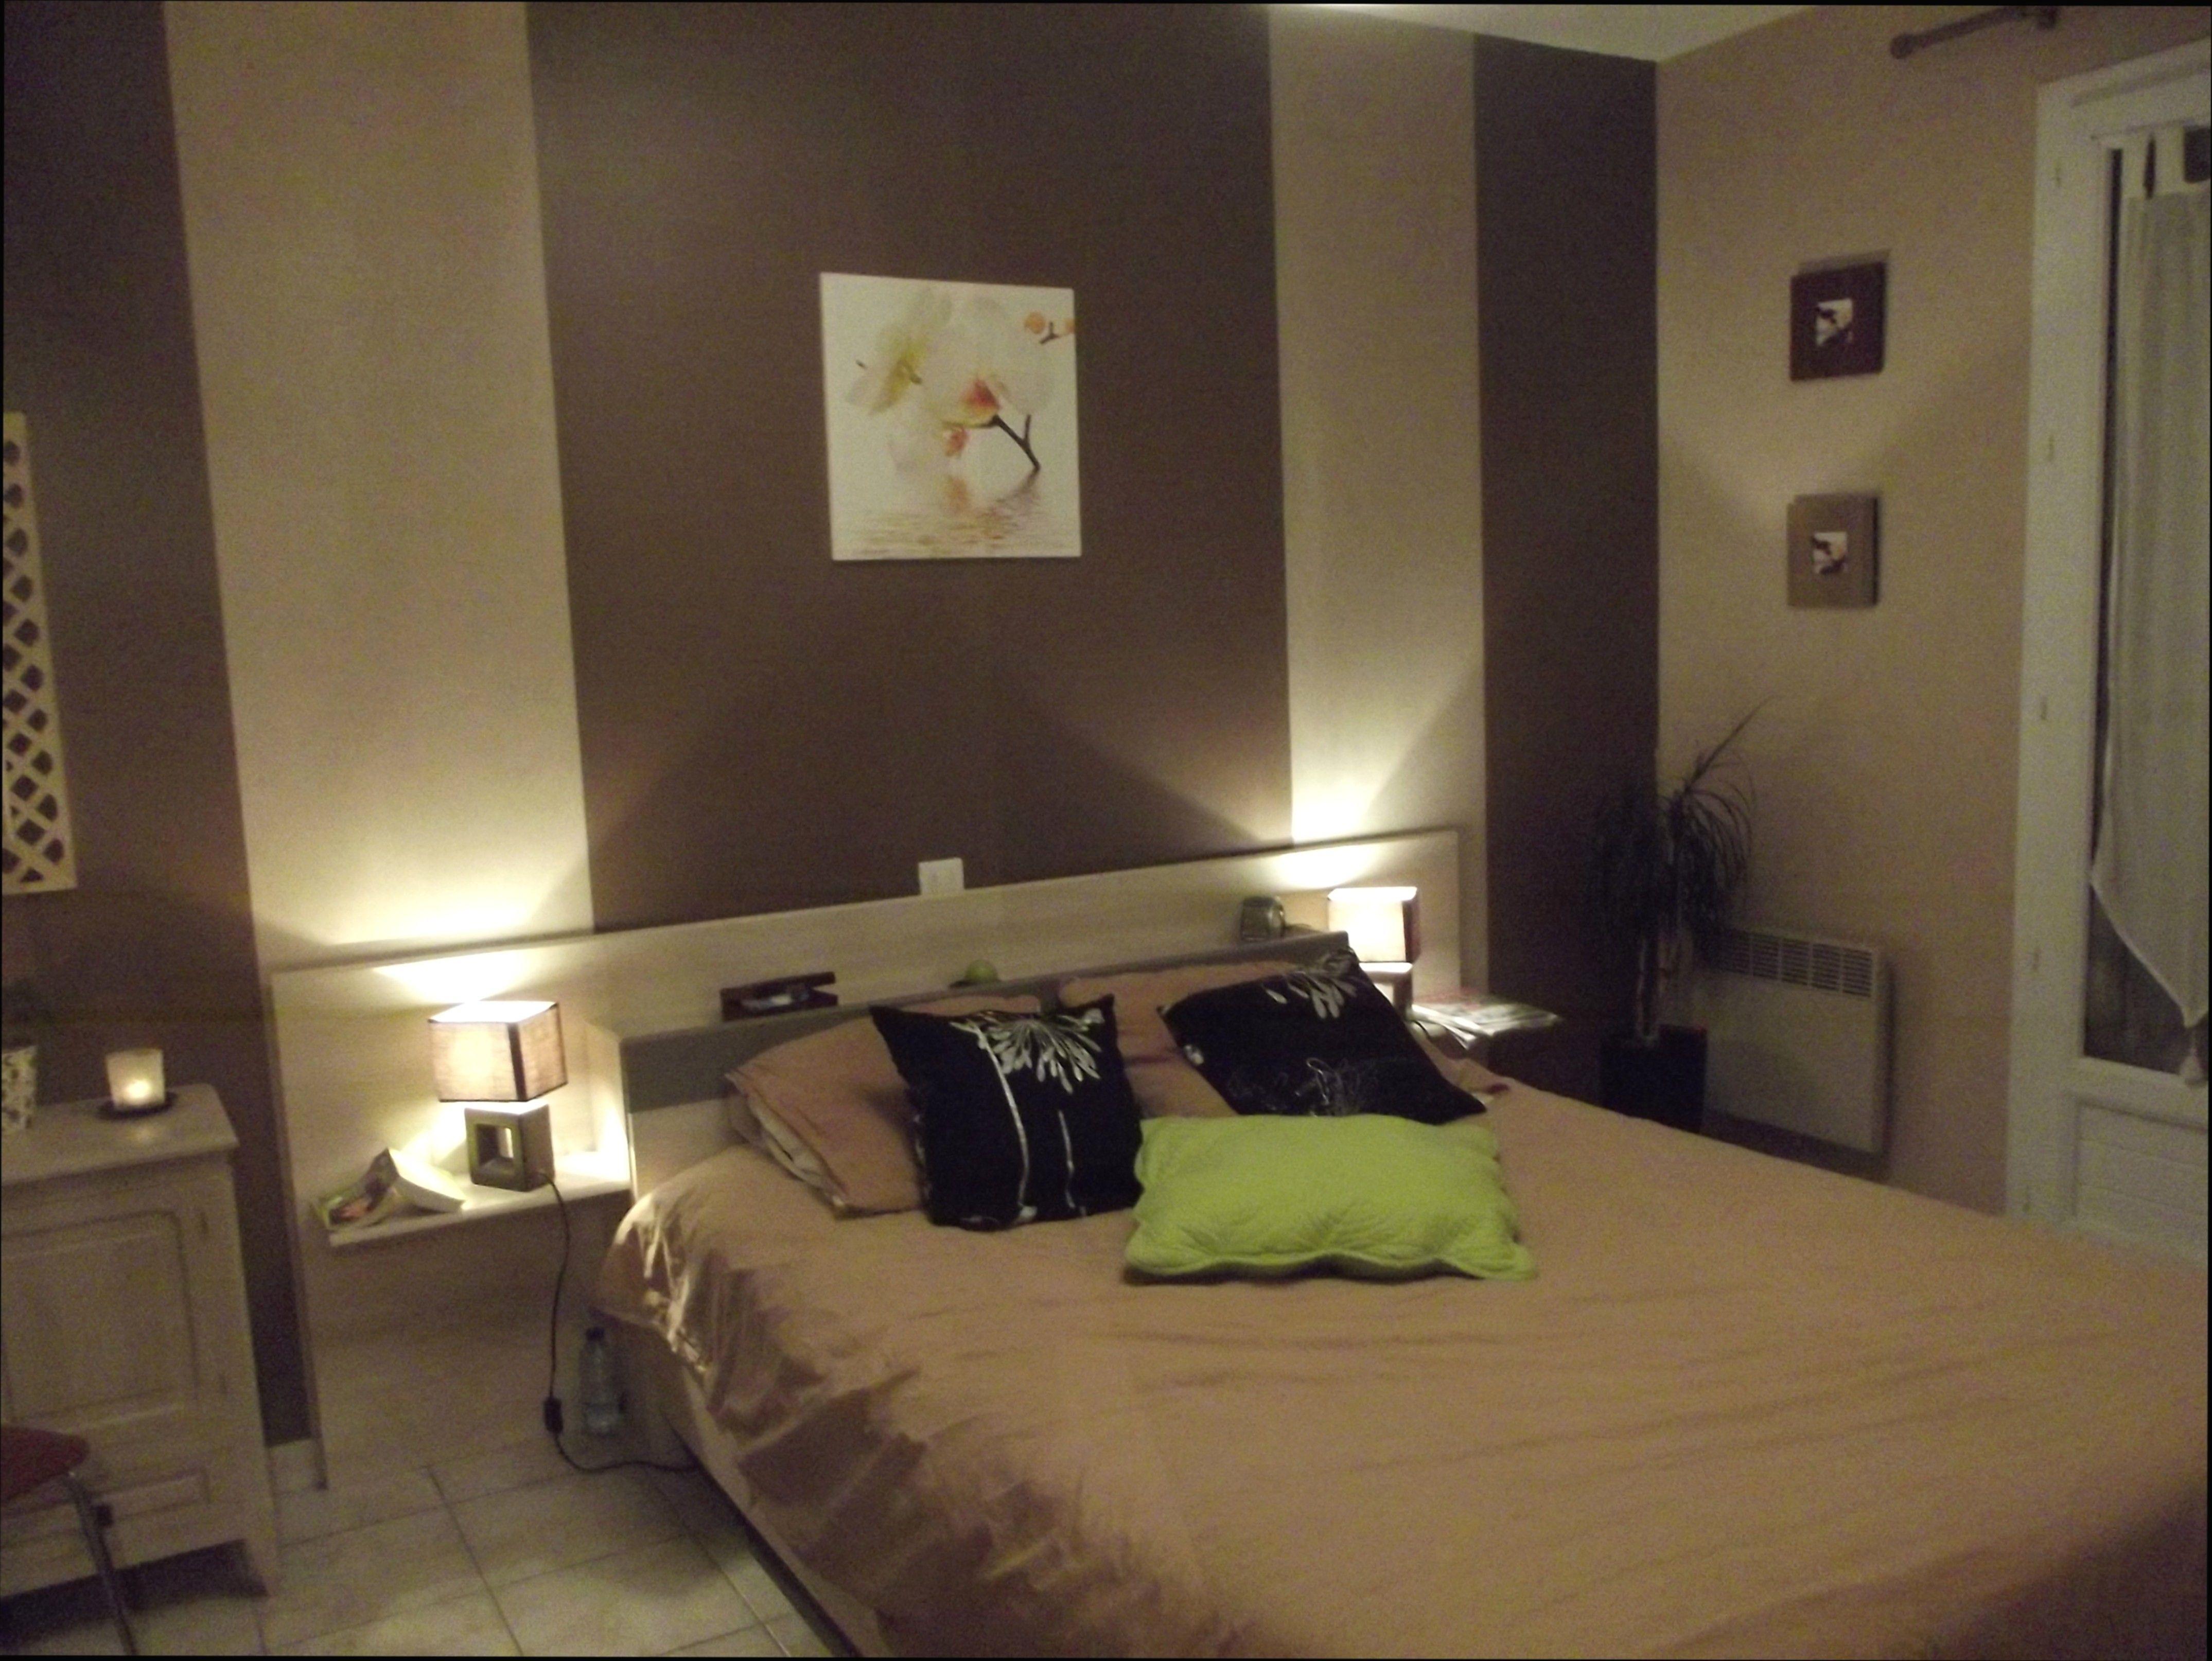 Couleur Chambre Zen 100 Images Awesome Idee Couleur Salle De ...